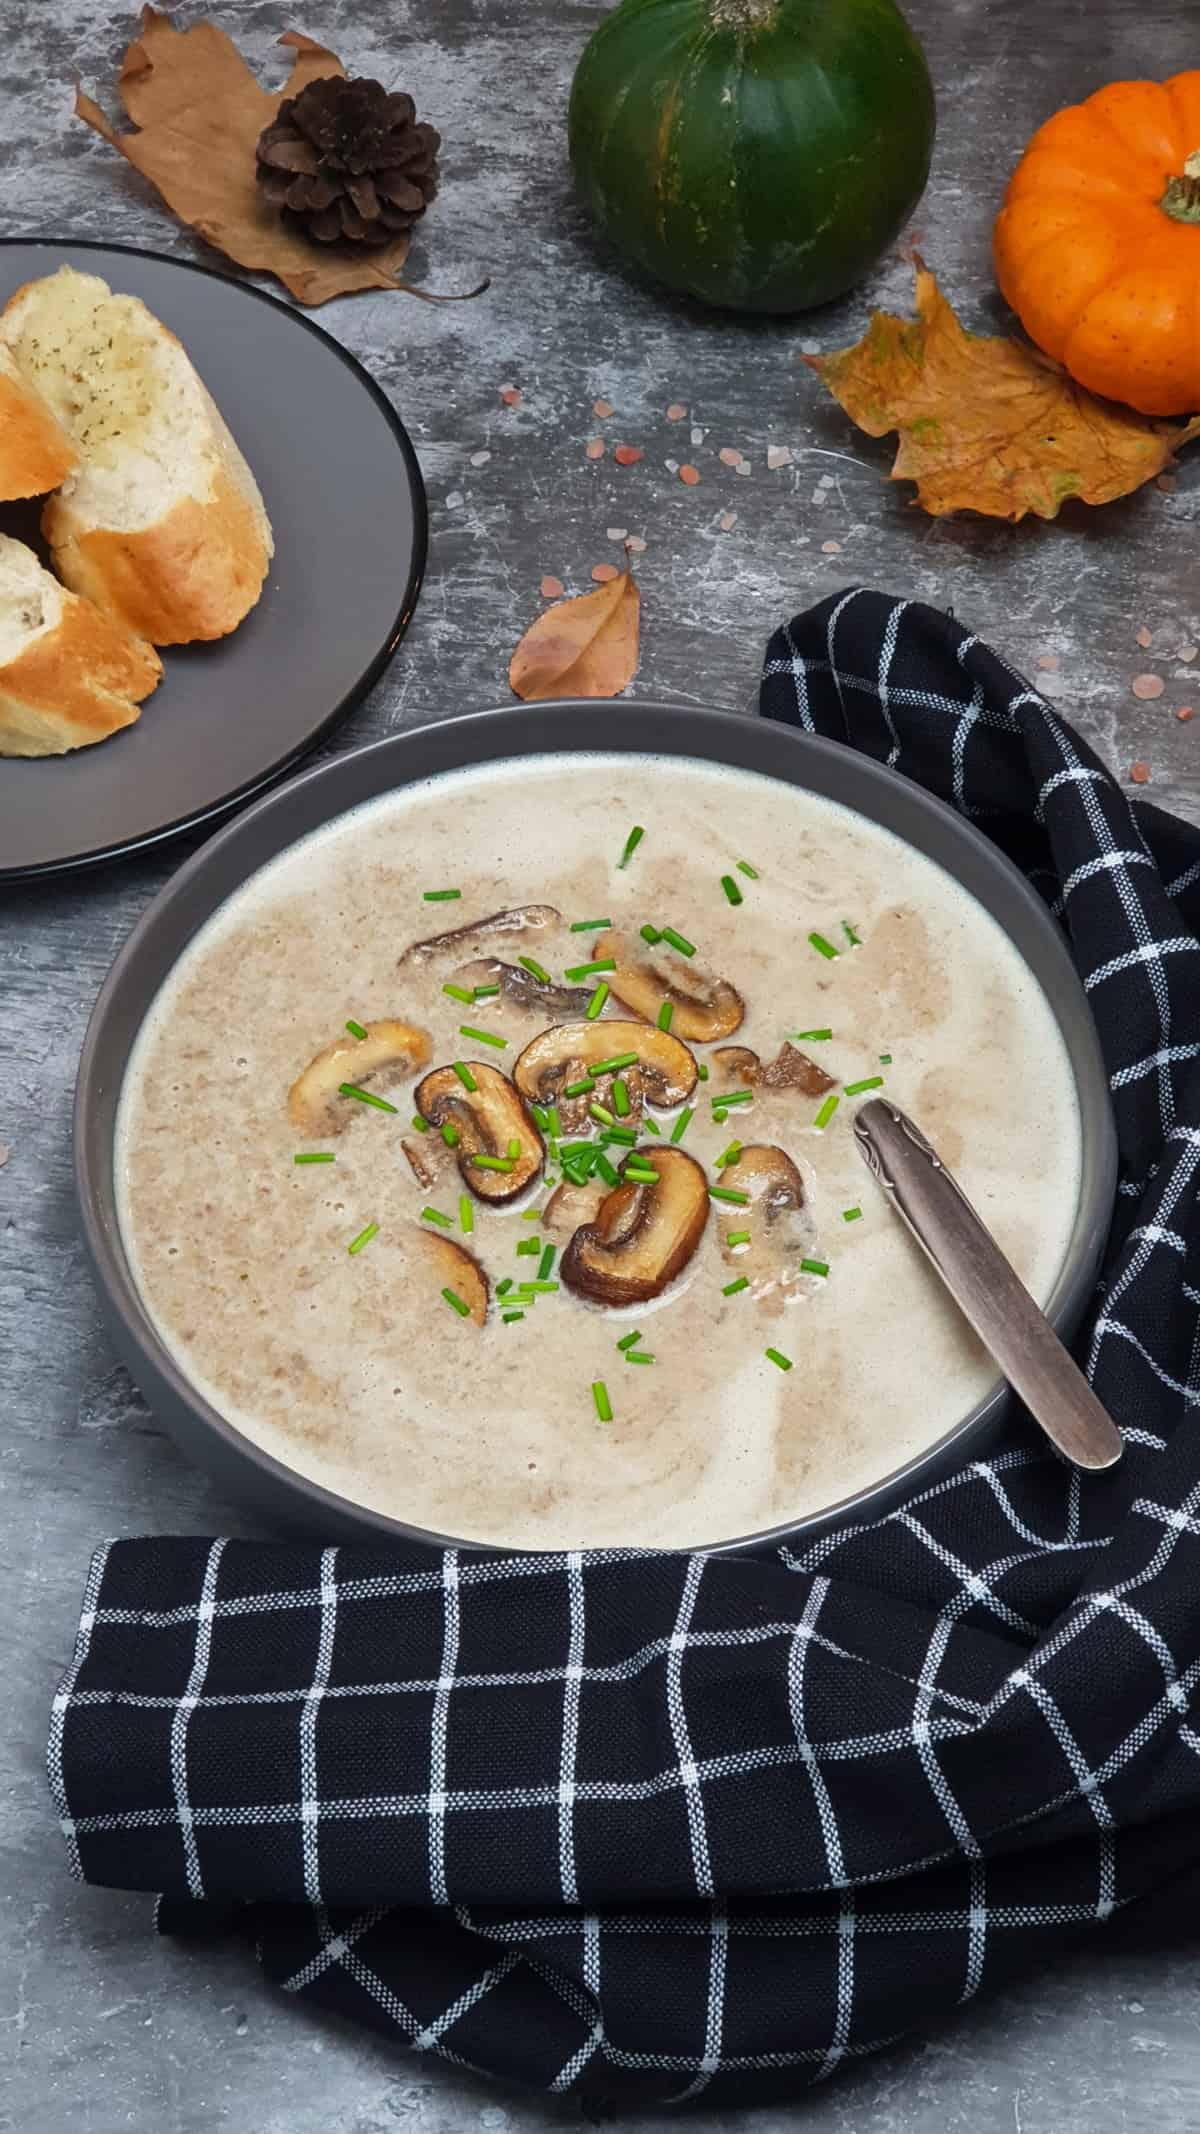 Pilz-Creme-Suppe mit Champignons in einer grauen Schale serviert. Mit Schnittlauch bestreut. Im Hintergrund Herbst Deko.